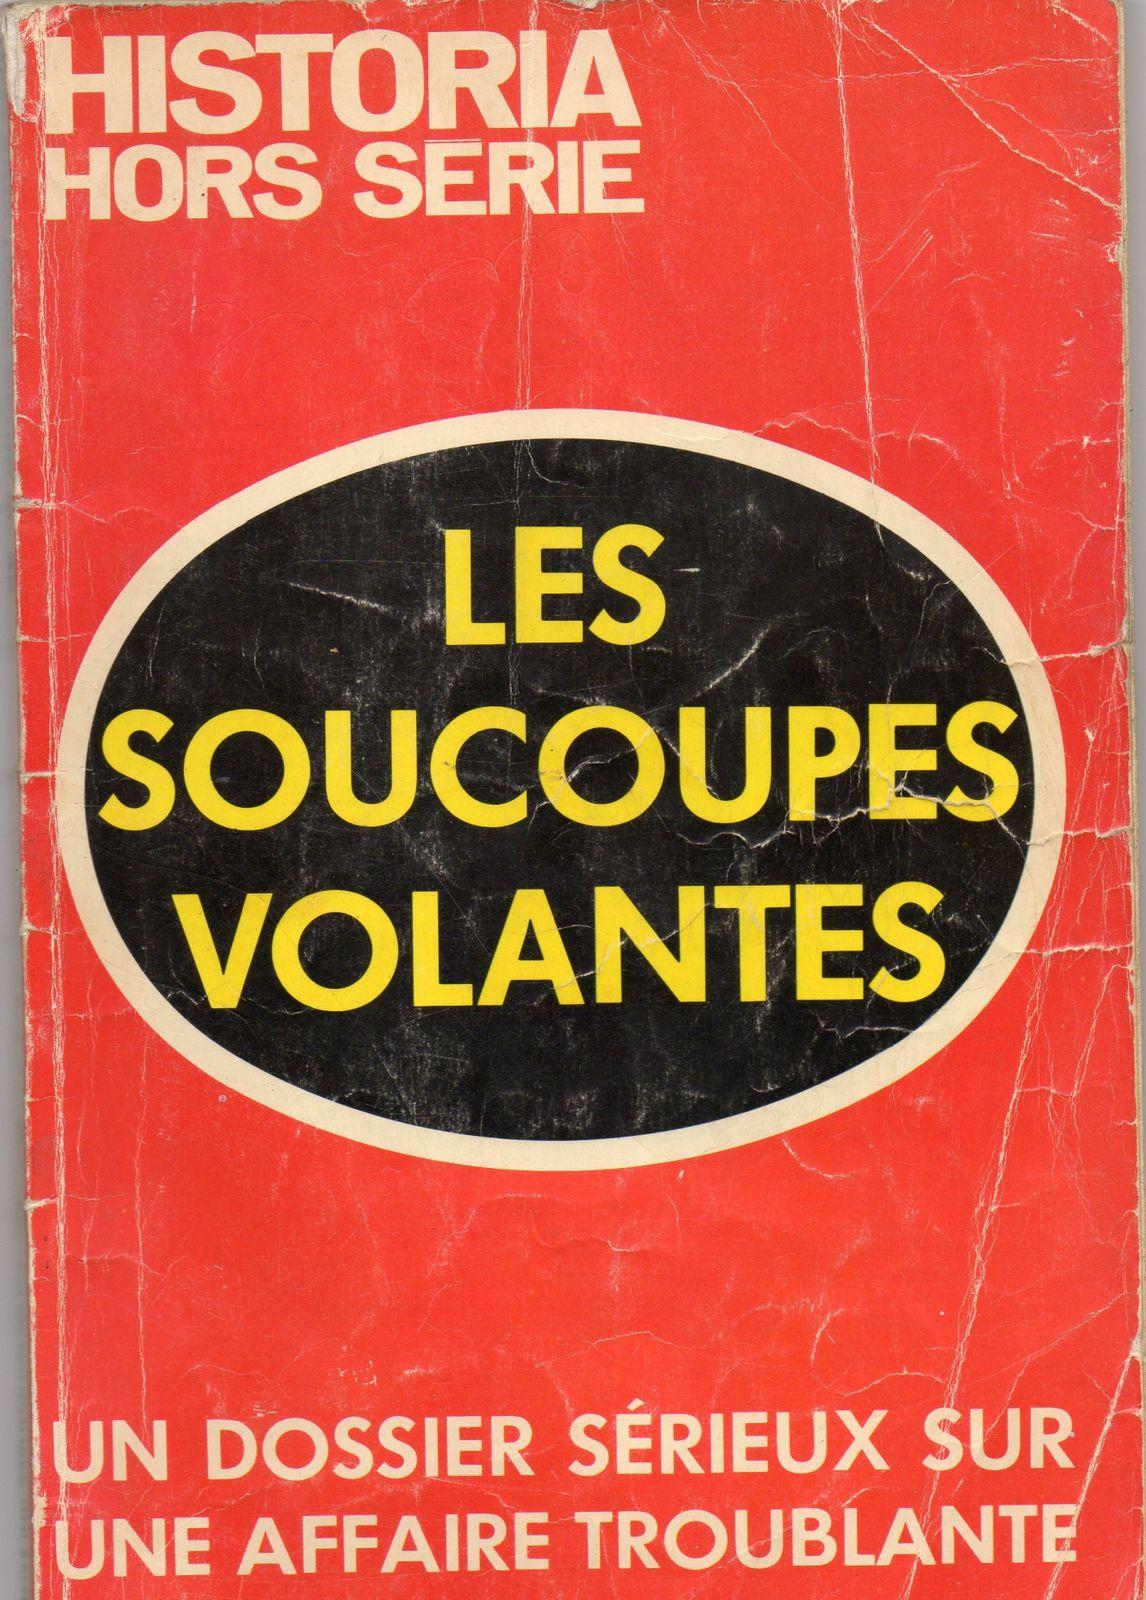 (1976) : HISTORIA Hors série, Les soucoupes volantes. Page-de-garde